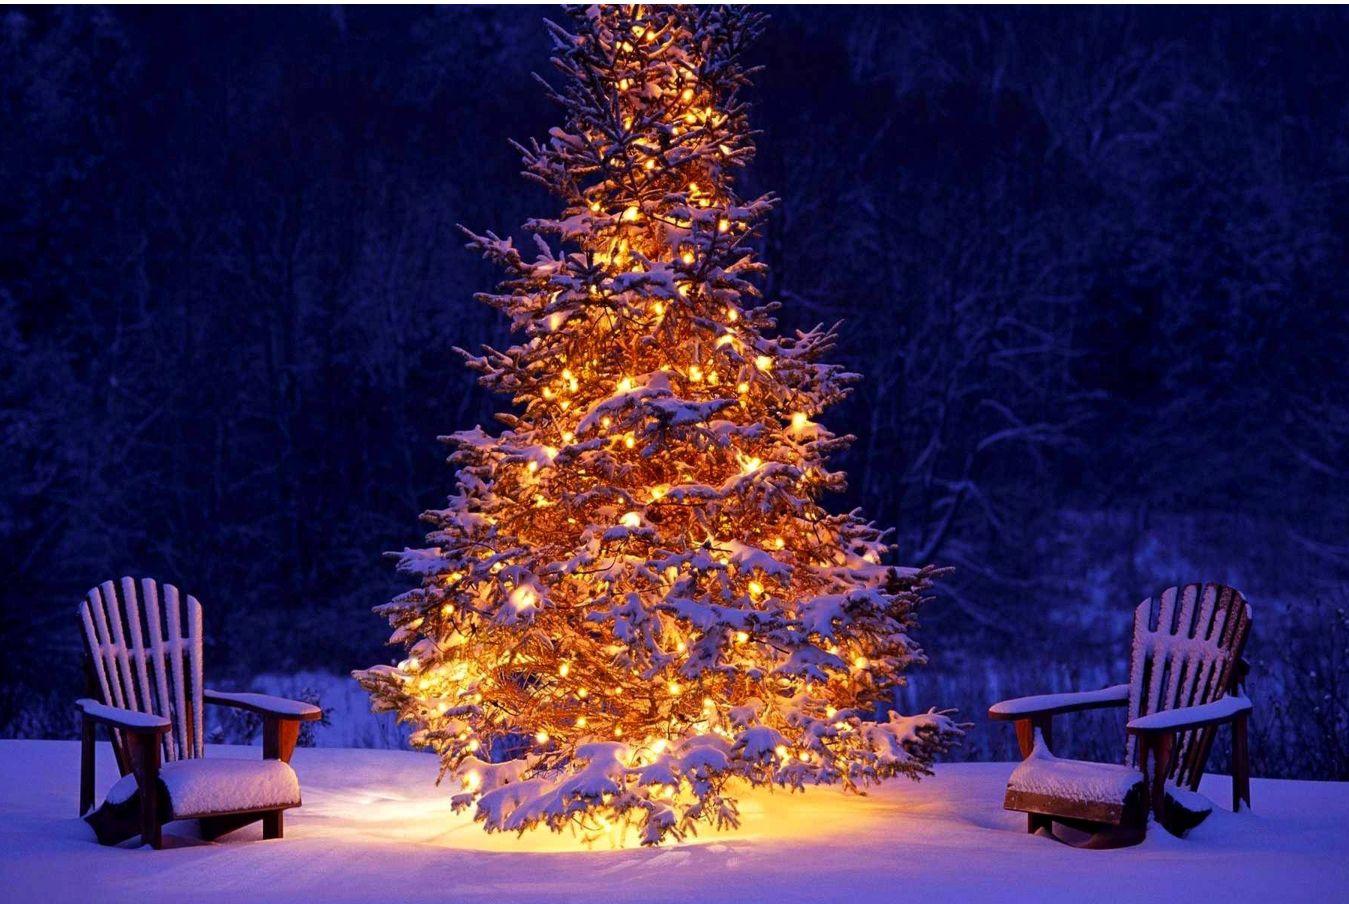 Tolle Animierte Weihnachten Ecards Uk Bilder - Weihnachtsbilder ...